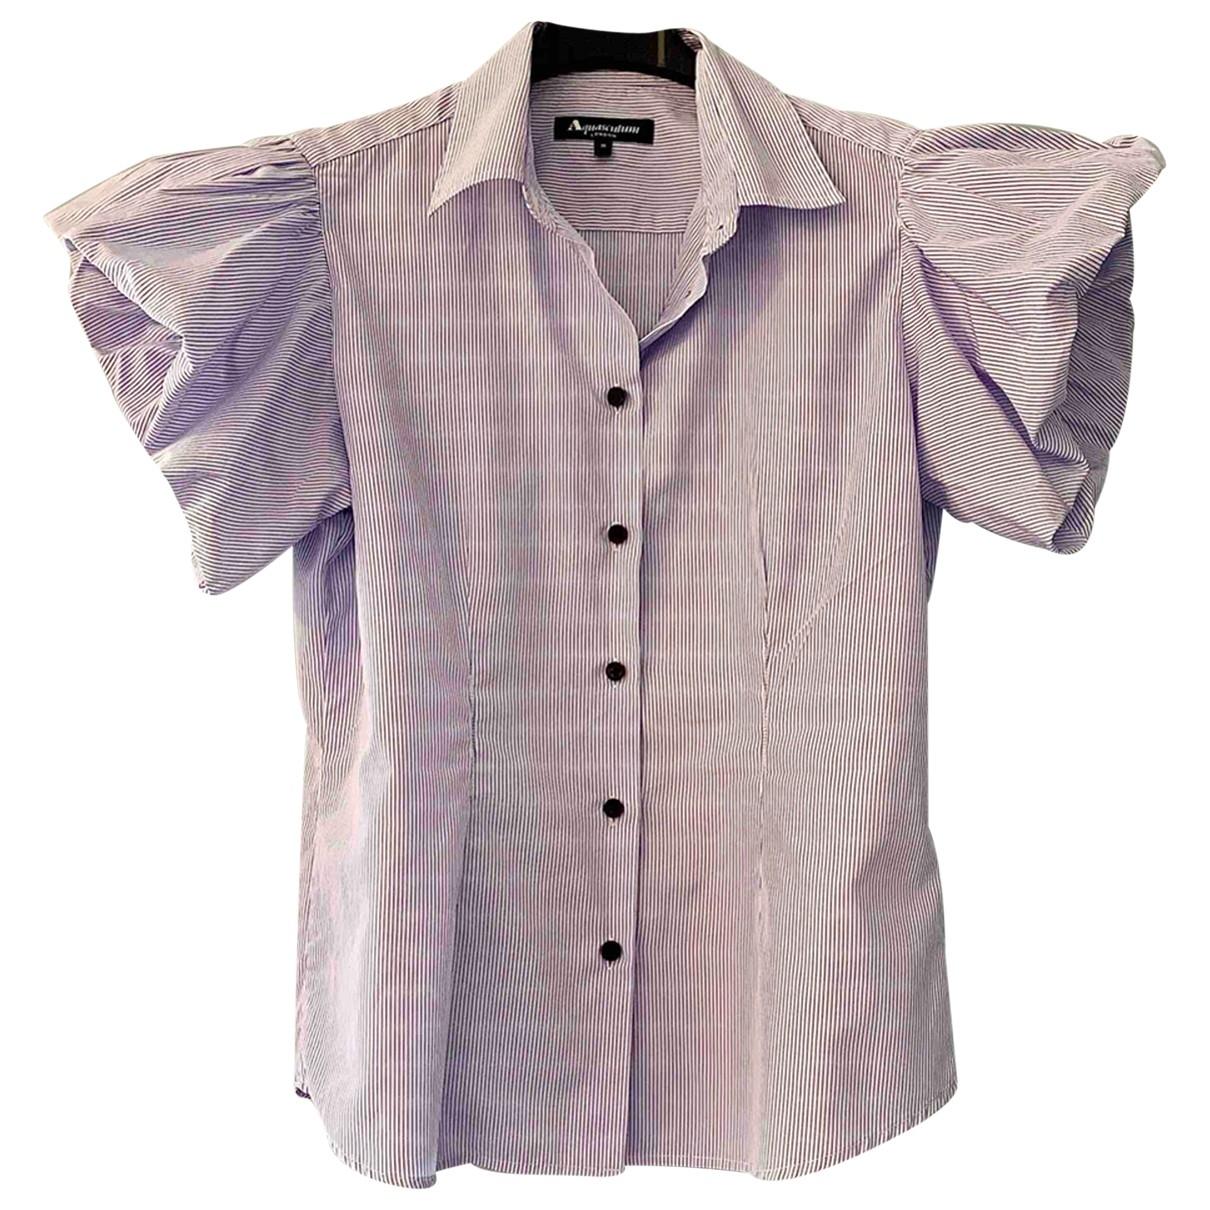 Aquascutum \N Multicolour Cotton  top for Women M International